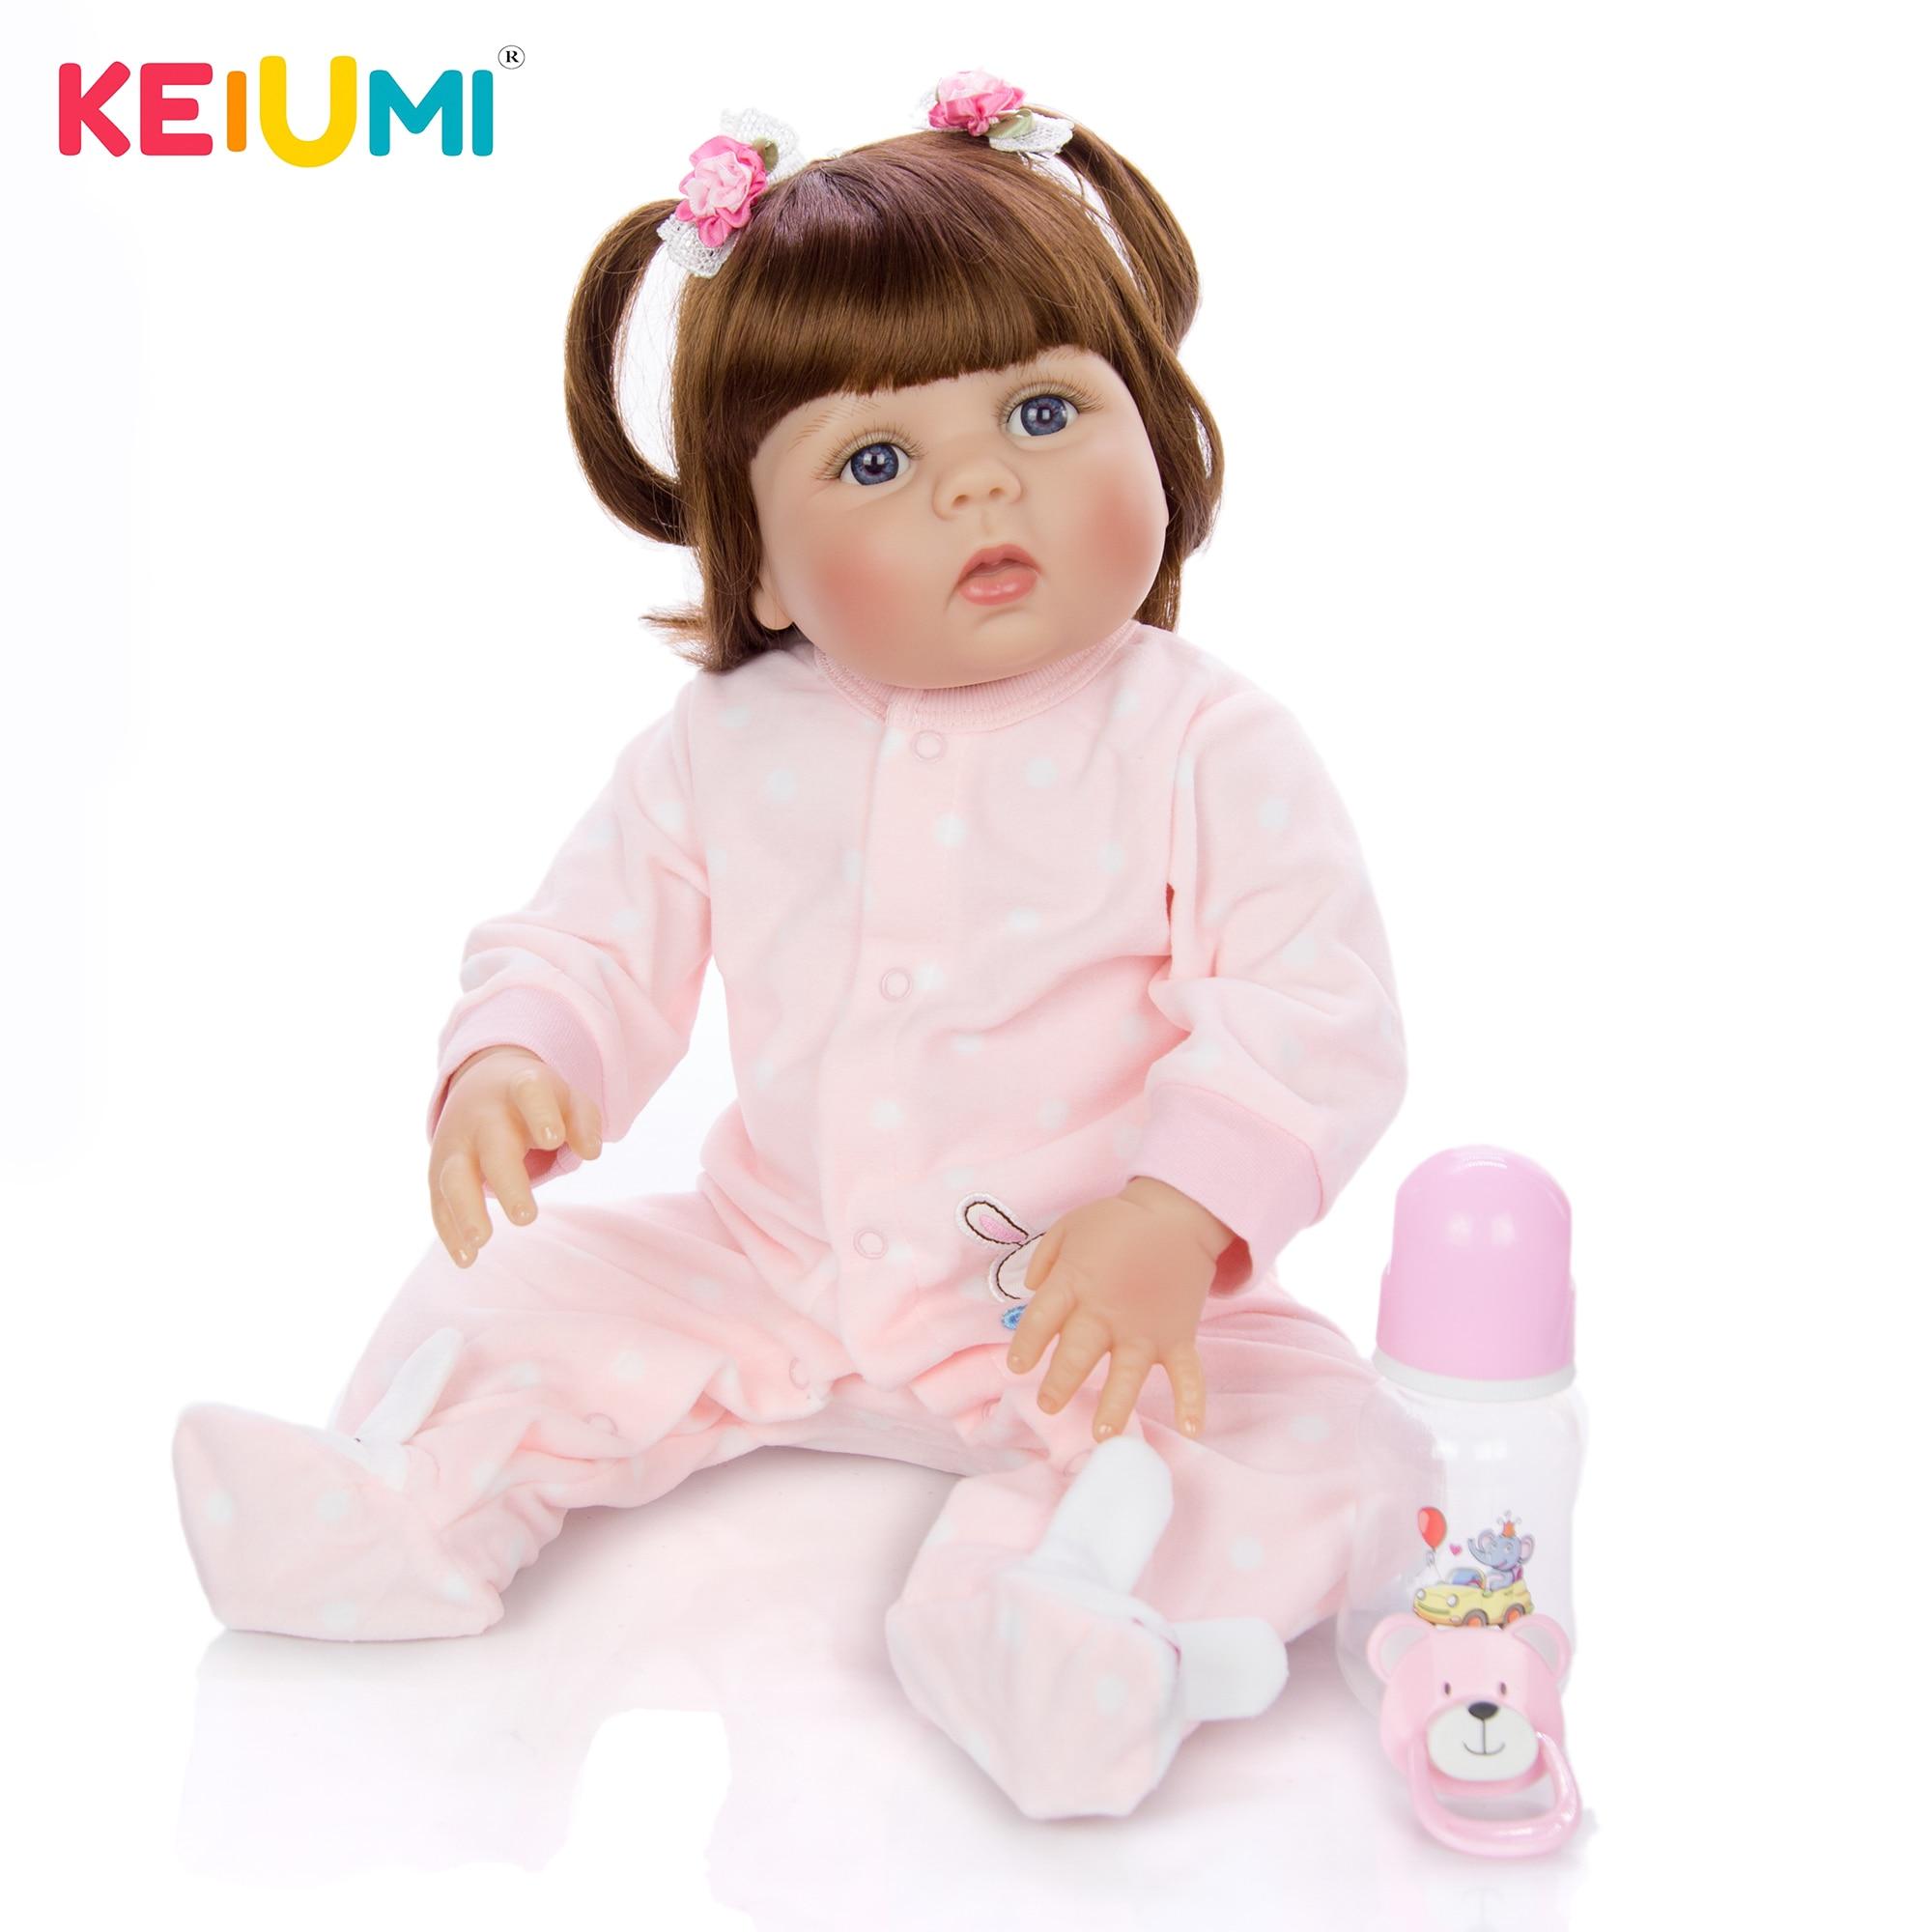 KEIUMI силиконовая кукла для новорожденных 23 дюймов 57 см сюрпризы Boneca Кукла для новорожденных девочек новый стиль волос для детей подарок на Рождество Куклы      АлиЭкспресс